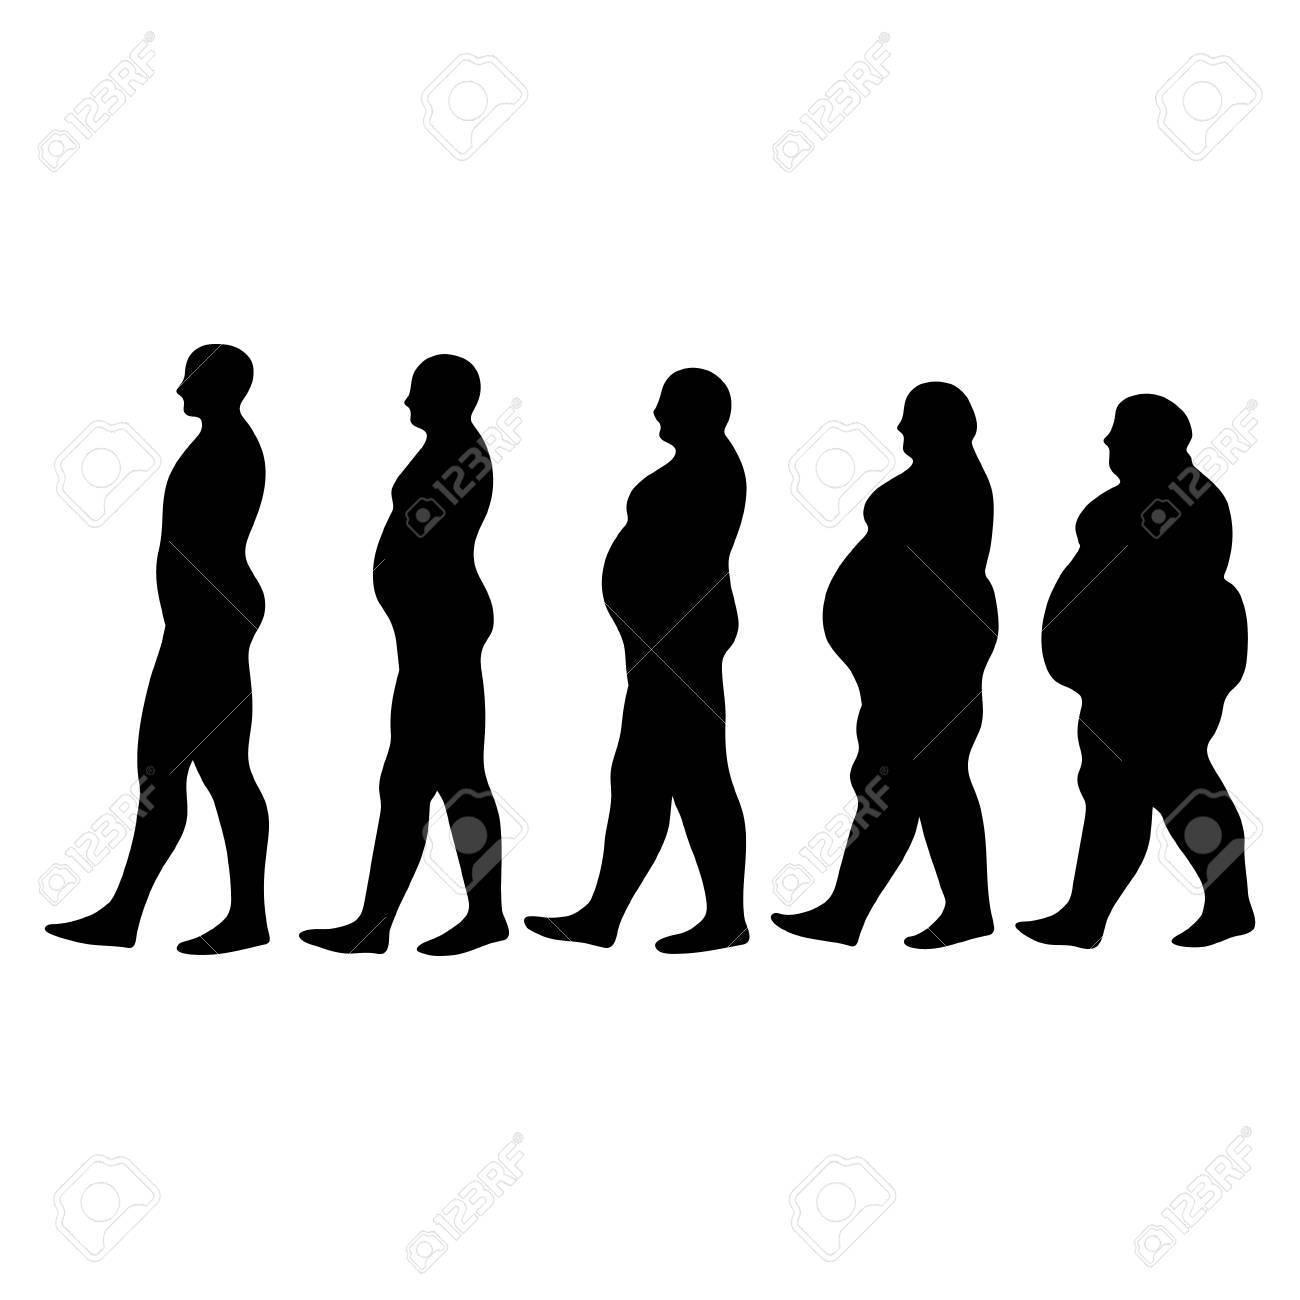 Sagome Persone Che Camminano.Concetto Di Dimagrimento Sagome Di Uomini Che Camminano Persone Che Cercano Di Ridurre Il Peso Dimagrimento Sagome Uomini Illustrazione Vettoriale